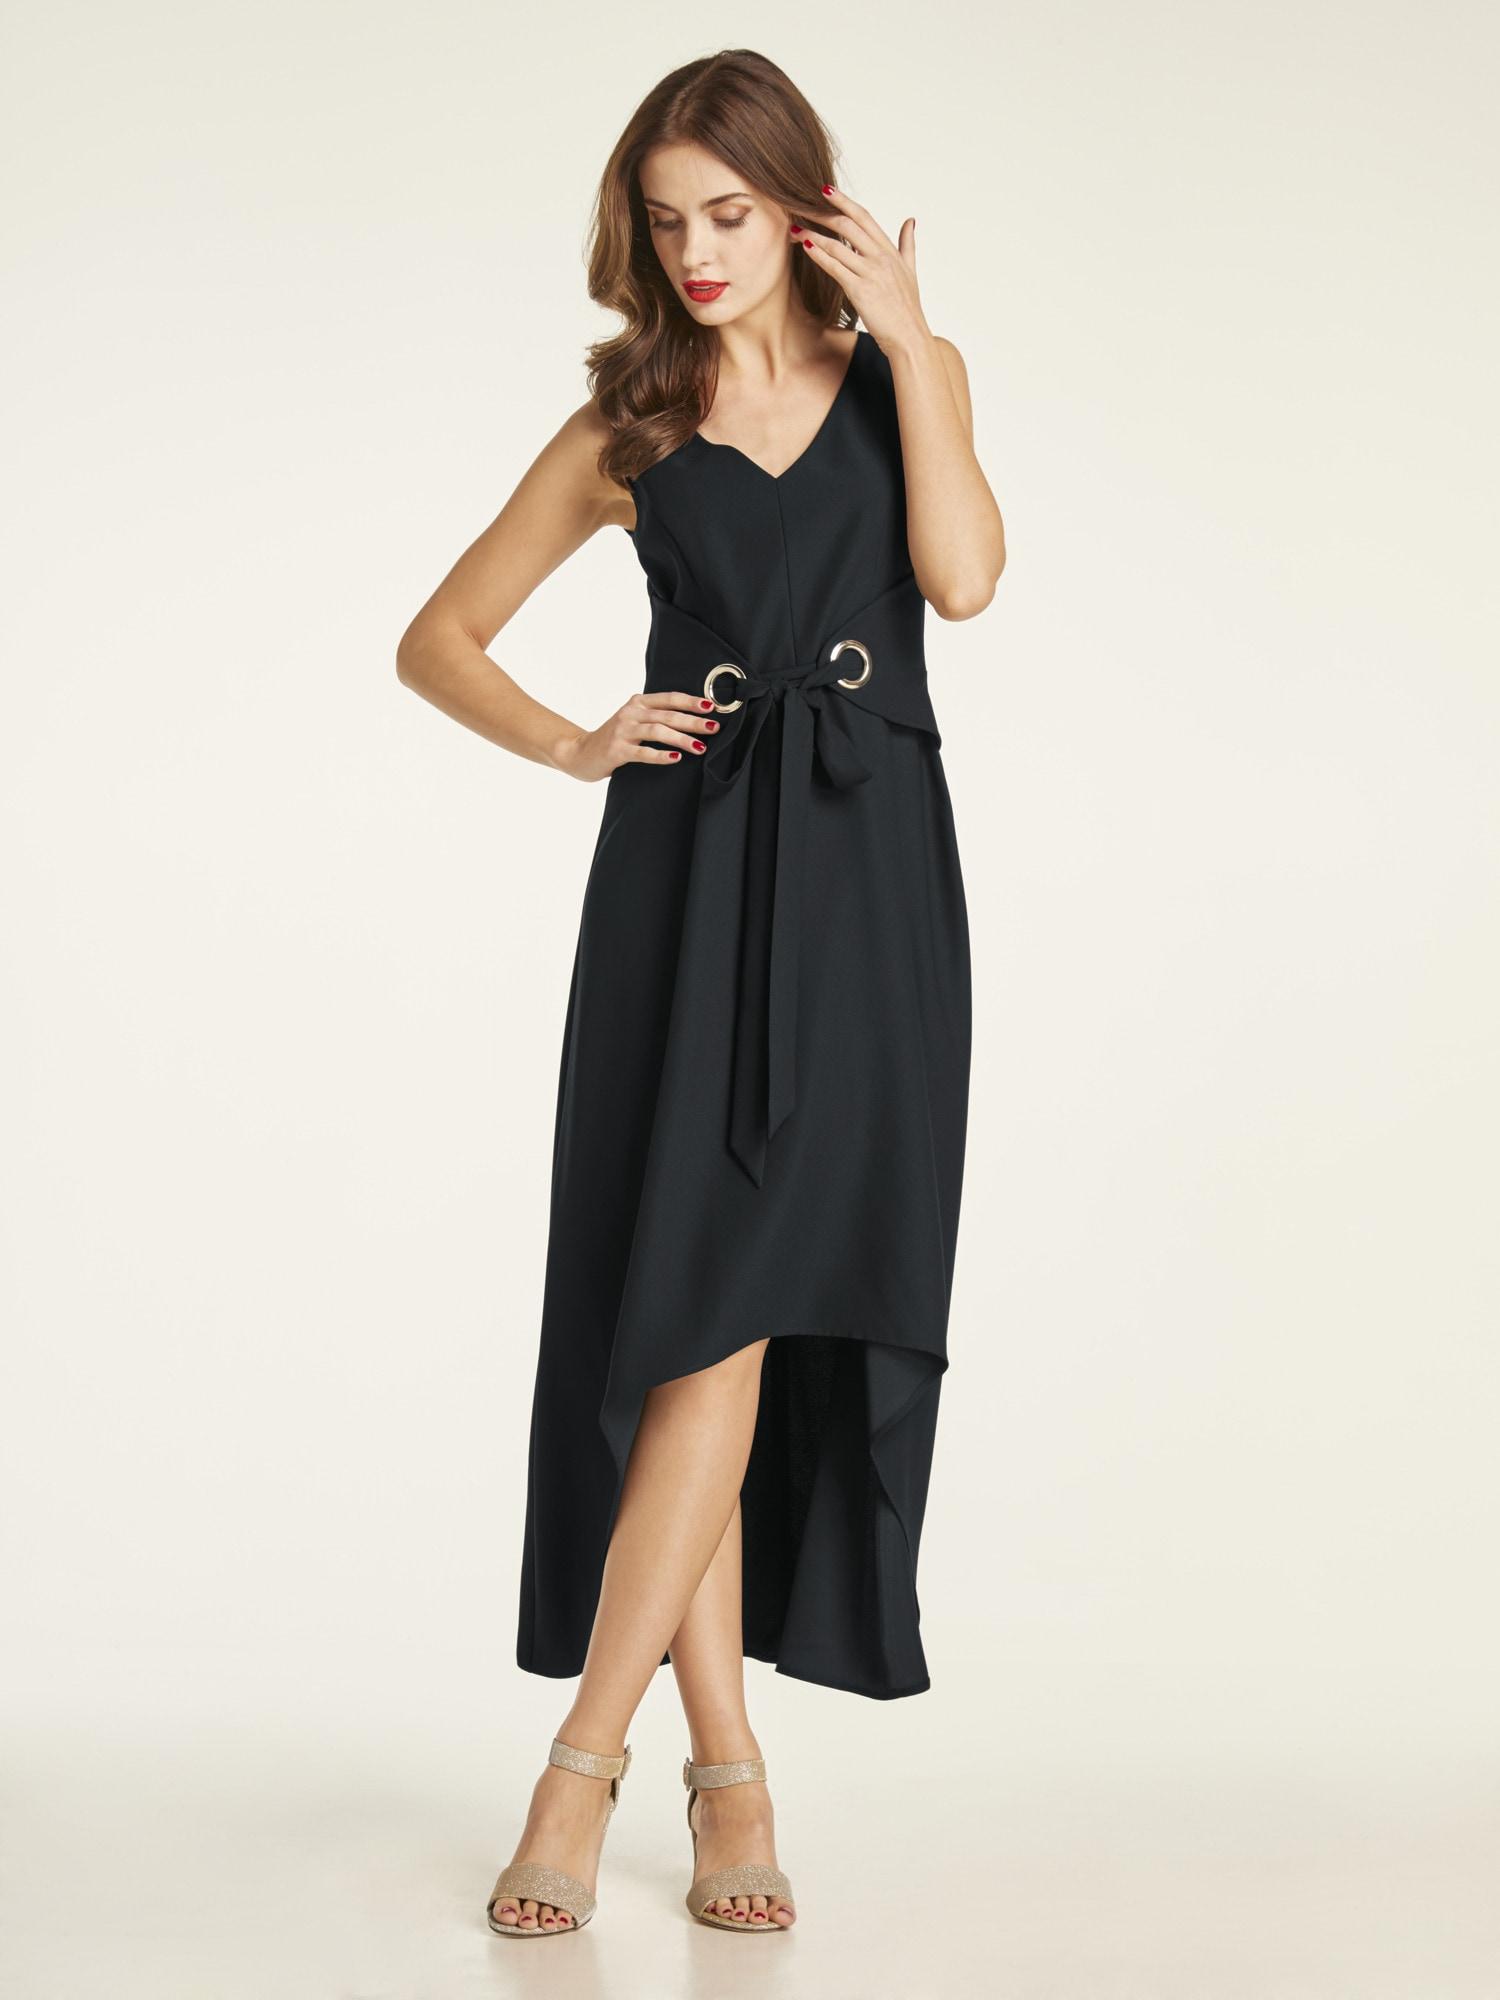 großer Rabatt 88dfc ce01a Abendkleid schwarz kurz - Rae van der pluym poehlmann